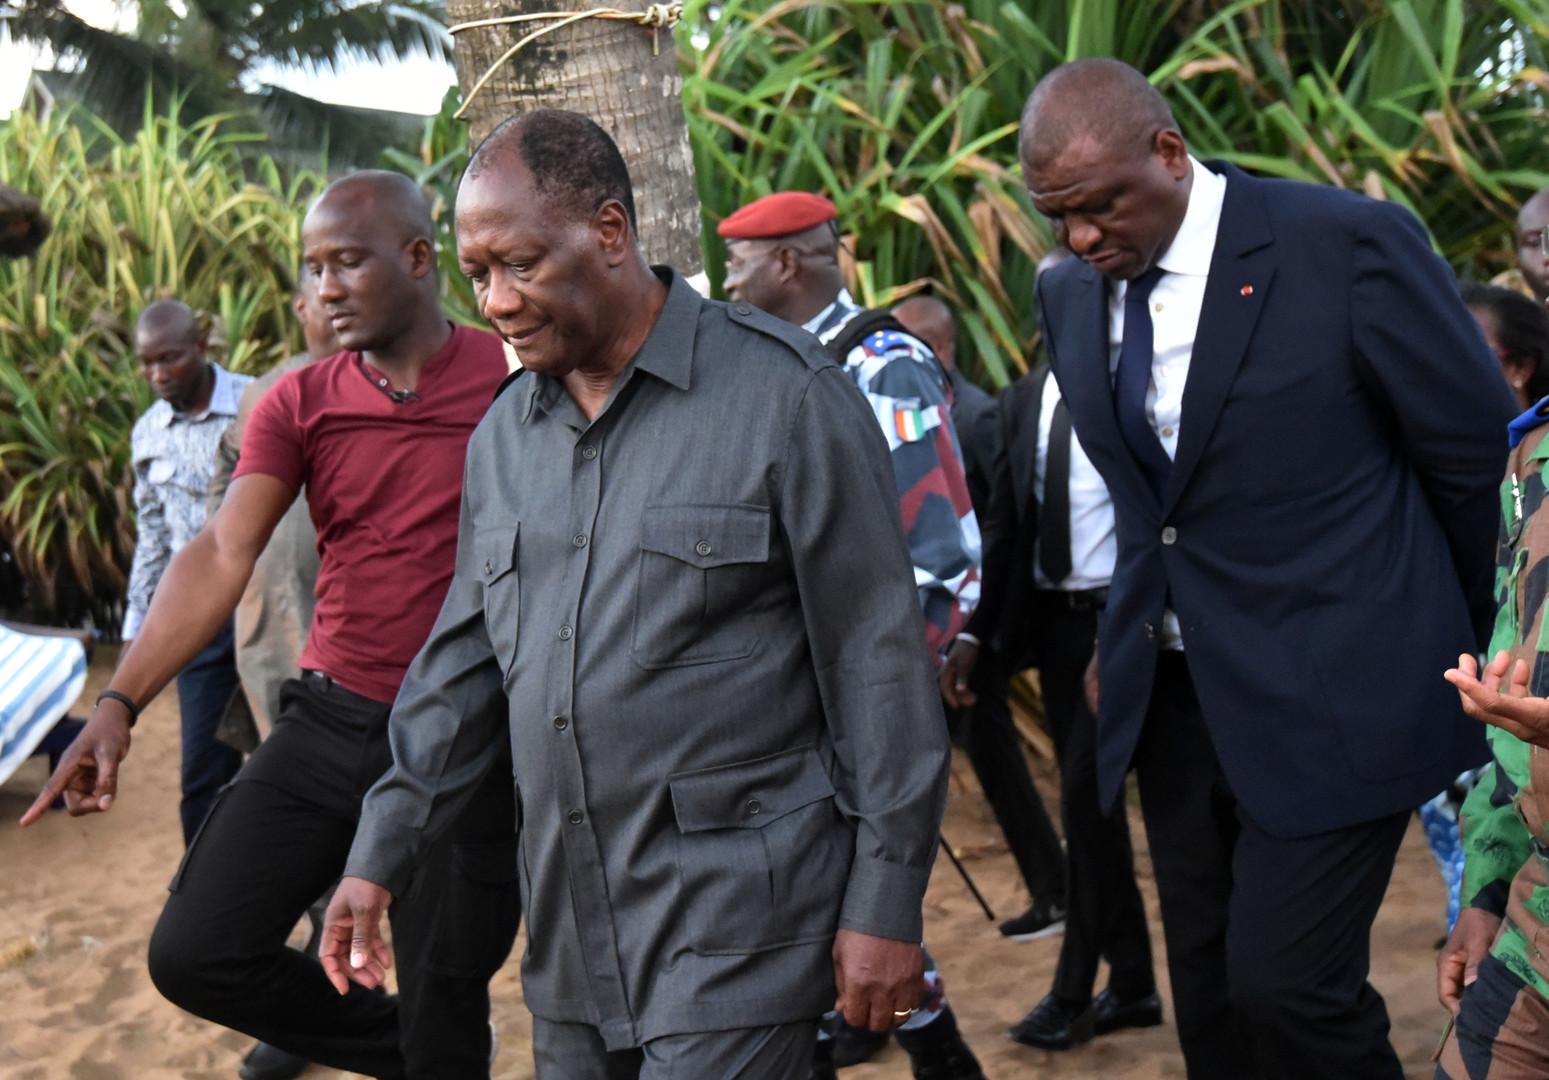 Le président ivoirien Alassane Ouattara s'est rendu sur les lieux